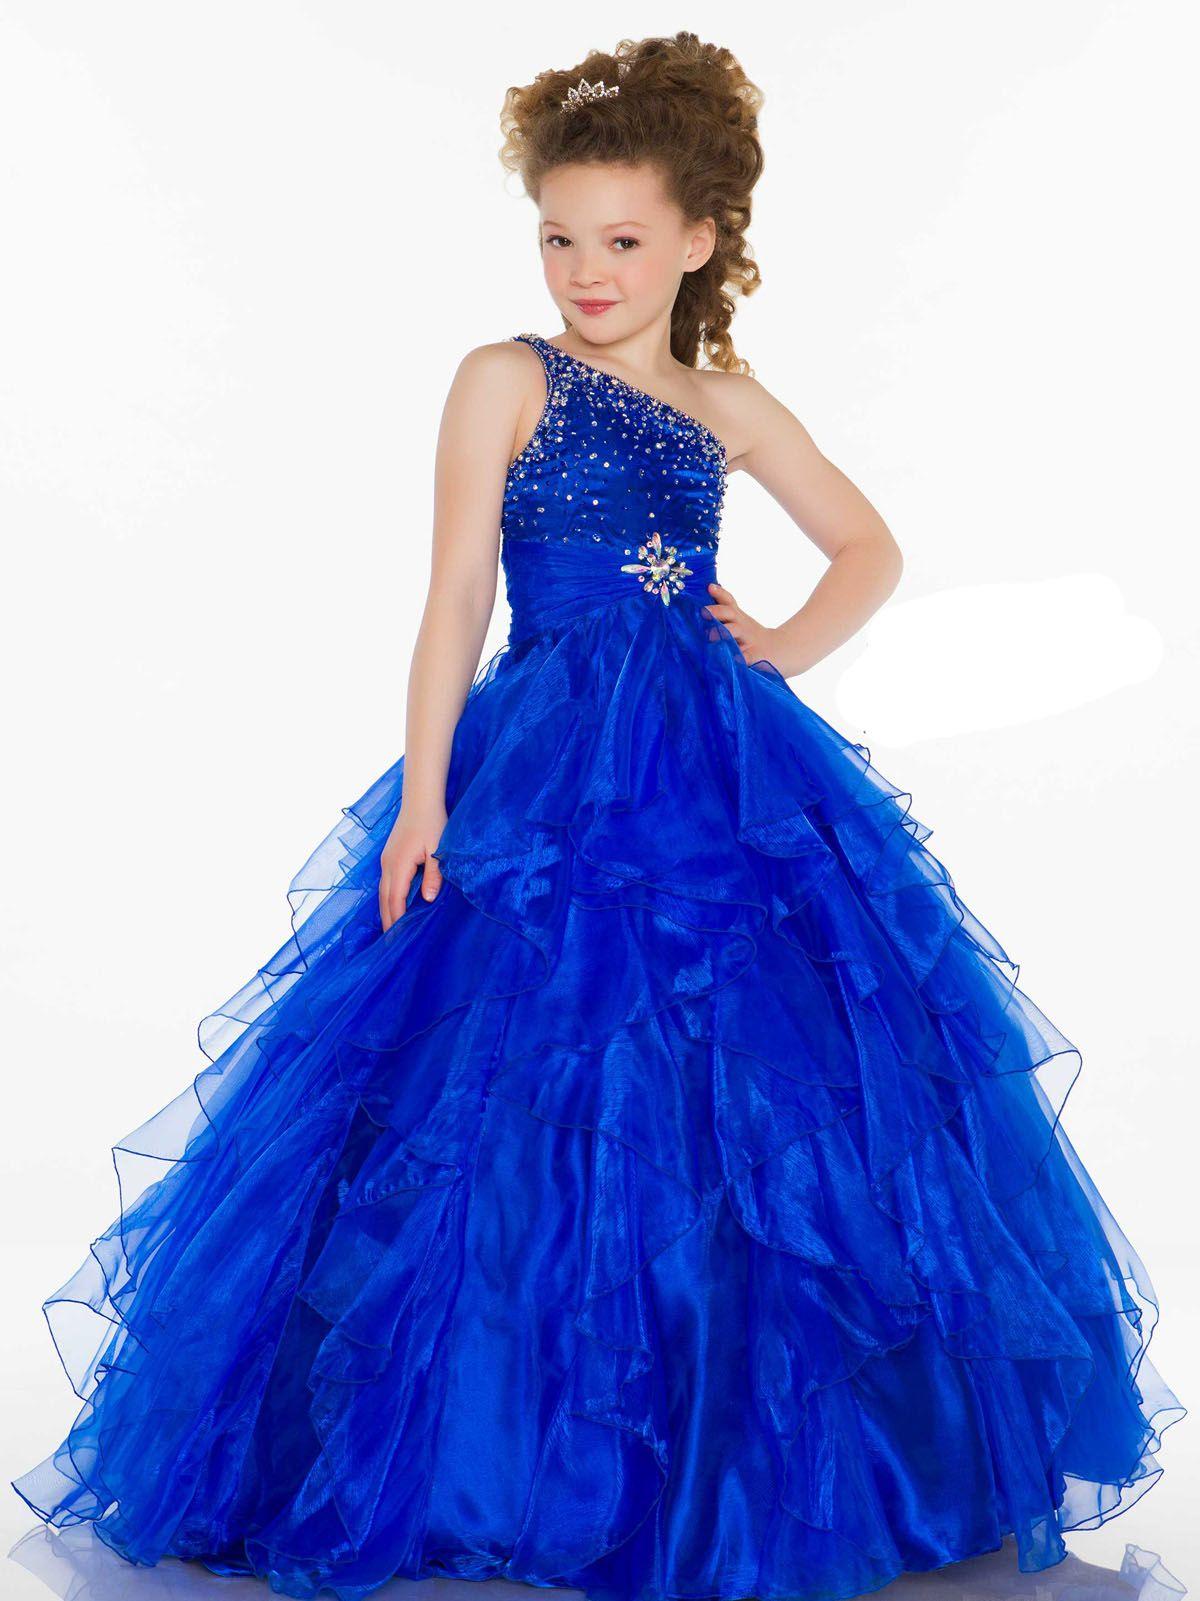 Vestidos de niña de un solo hombro azul bonito Vestidos de niña de las flores Vestidos de desfile de niñas Vestido elegante Vestido de fiesta Tamaño personalizado 2 4 6 8 10 12 FF801022